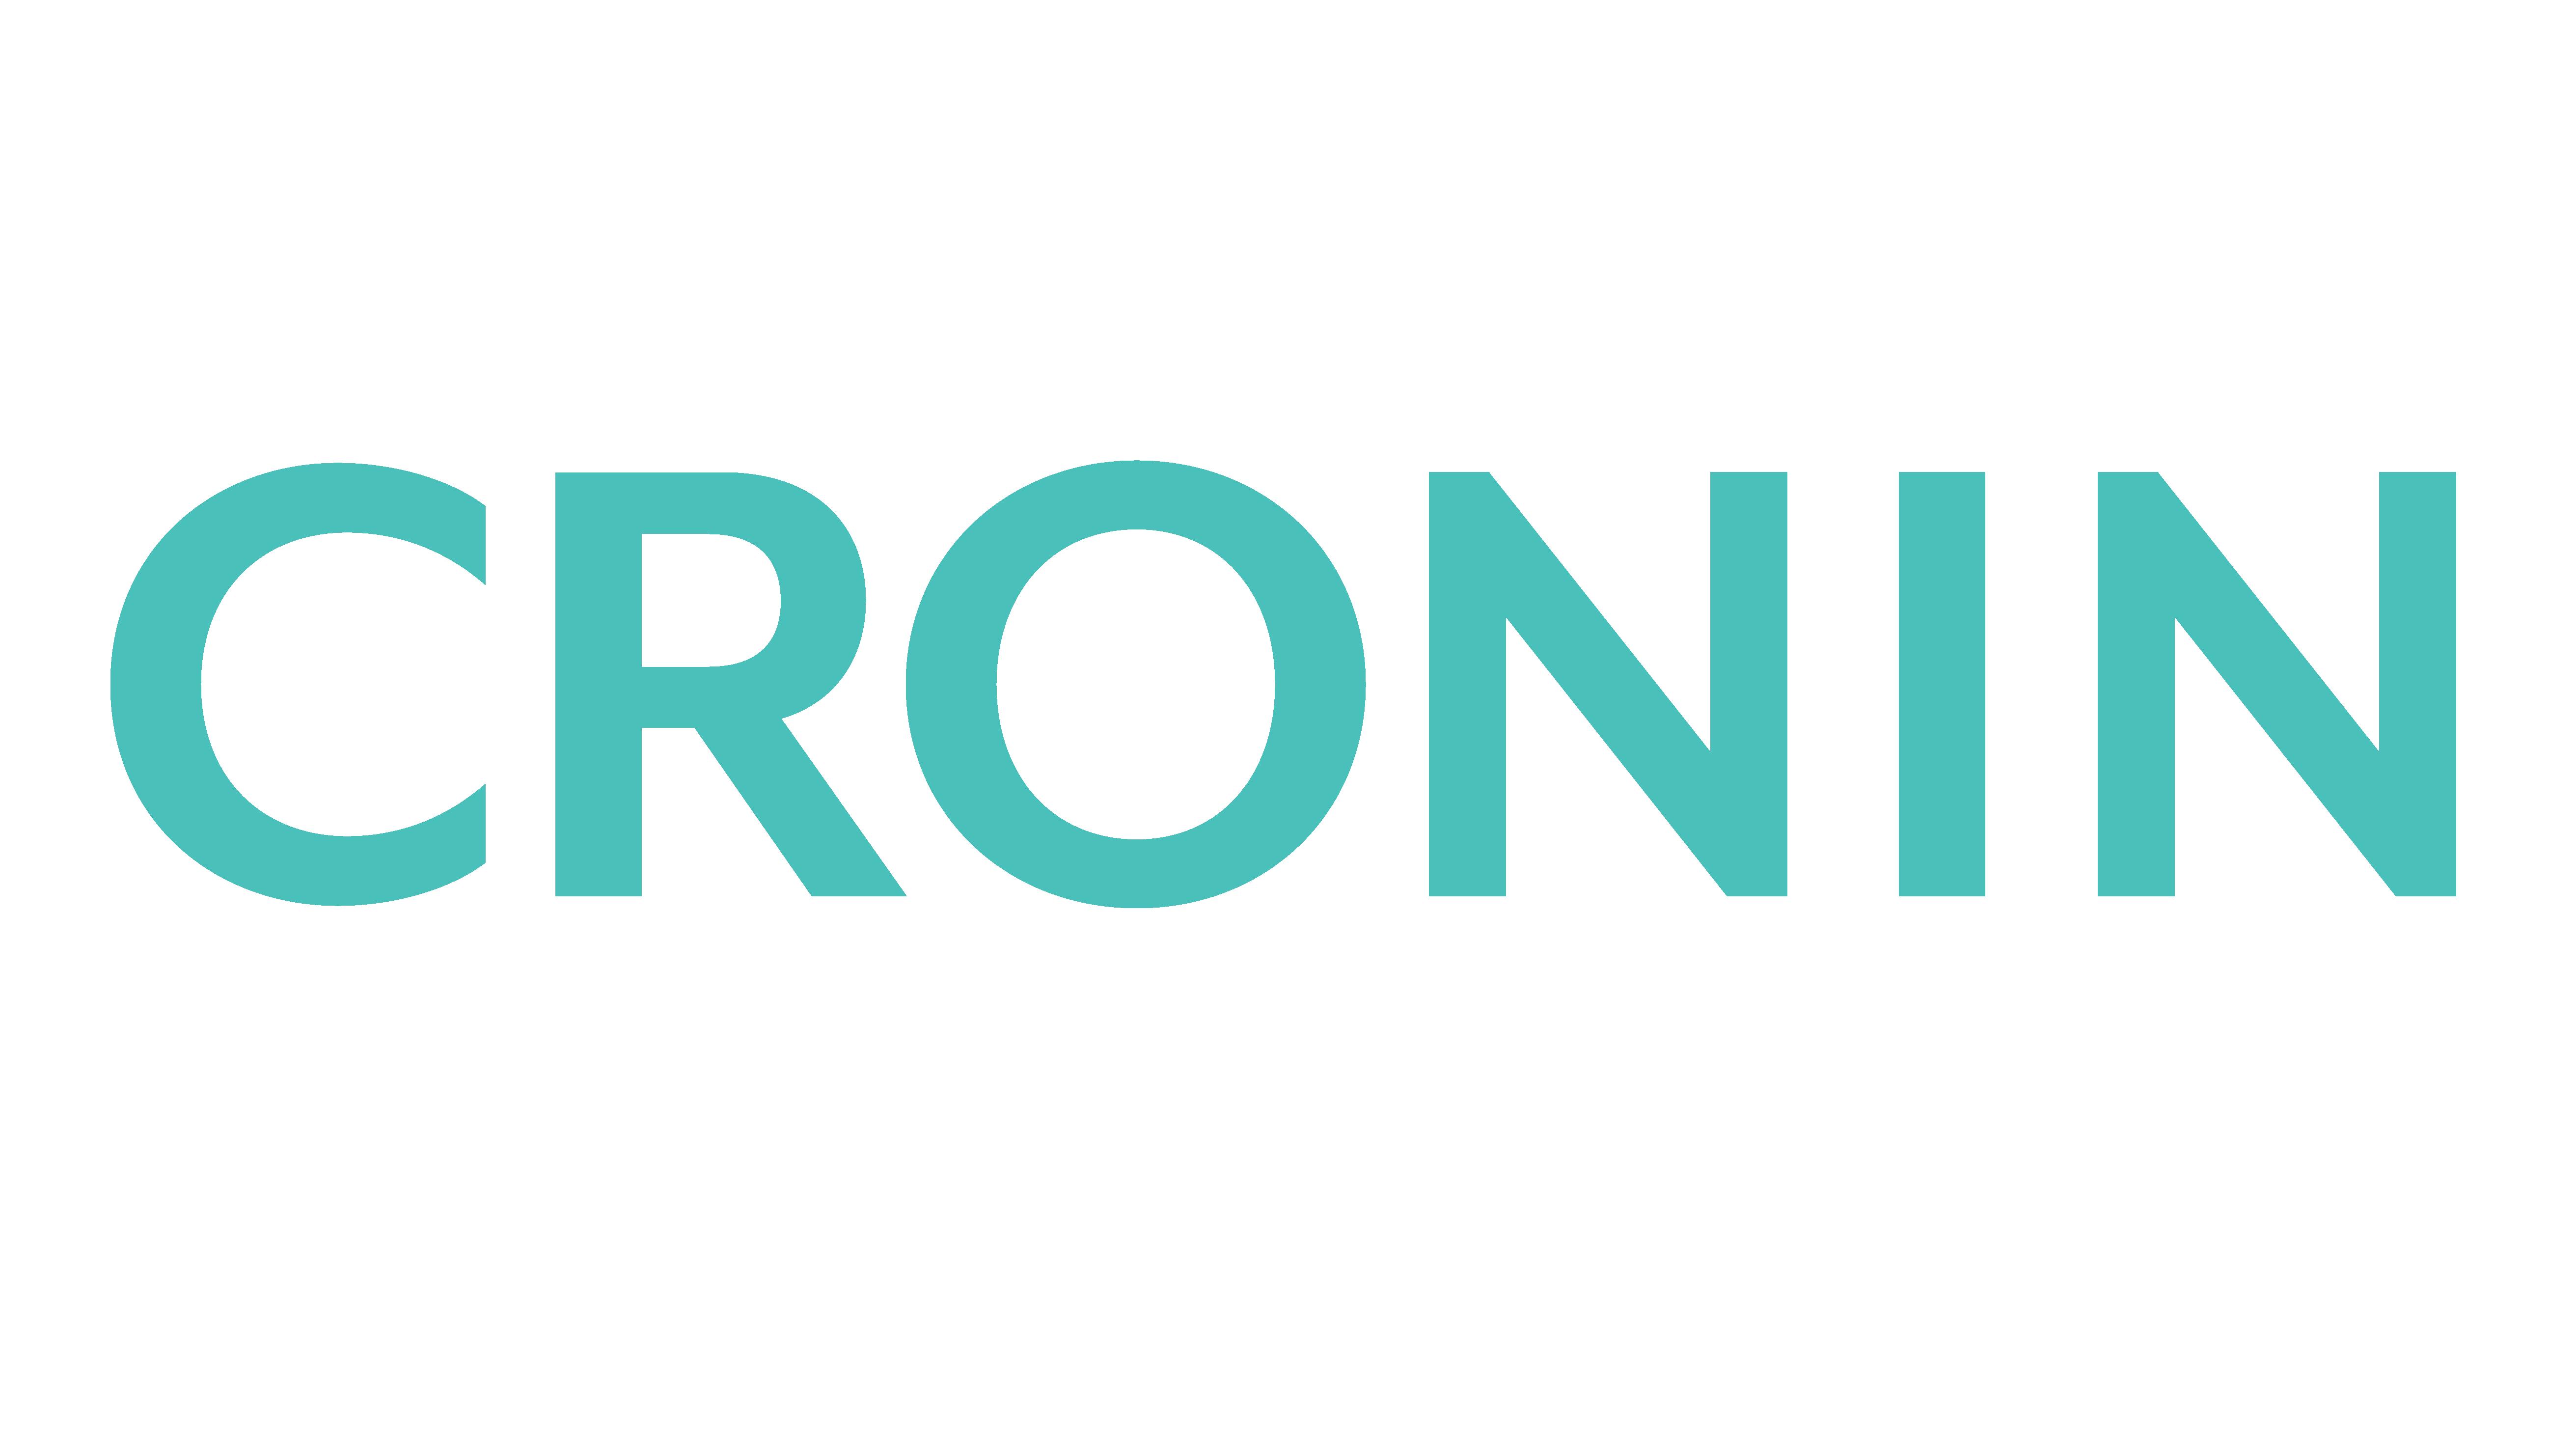 Tim Cronin